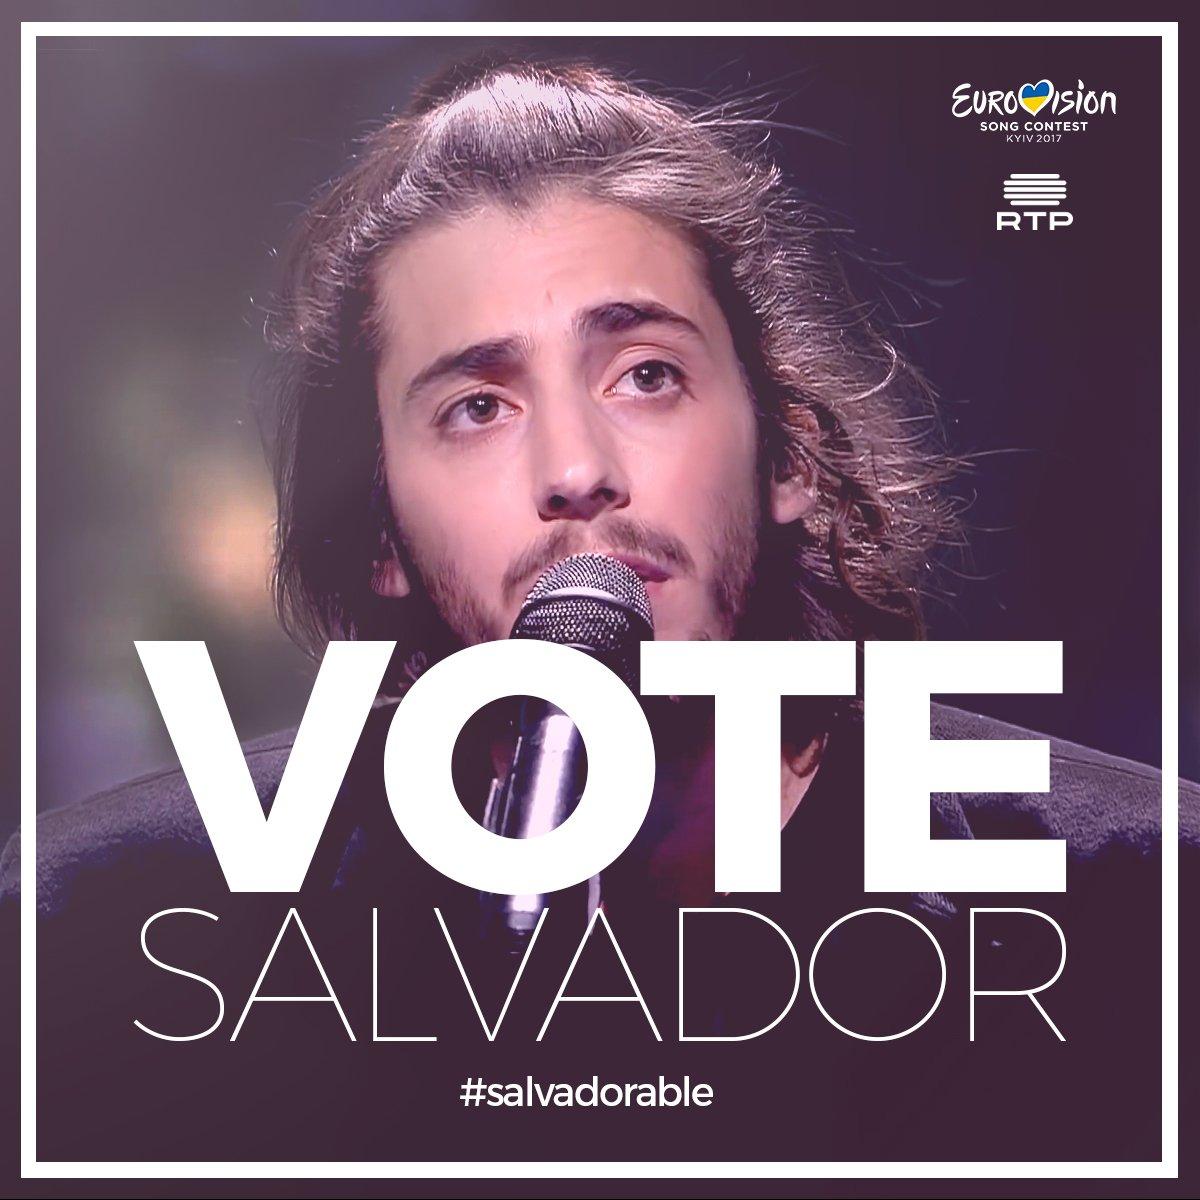 Vamos fazer de Portugal o vencedor do #Eurovision. Passe a mensagem aos seus amigos em todo o mundo! #salvadorable https://t.co/M3RBl738pY